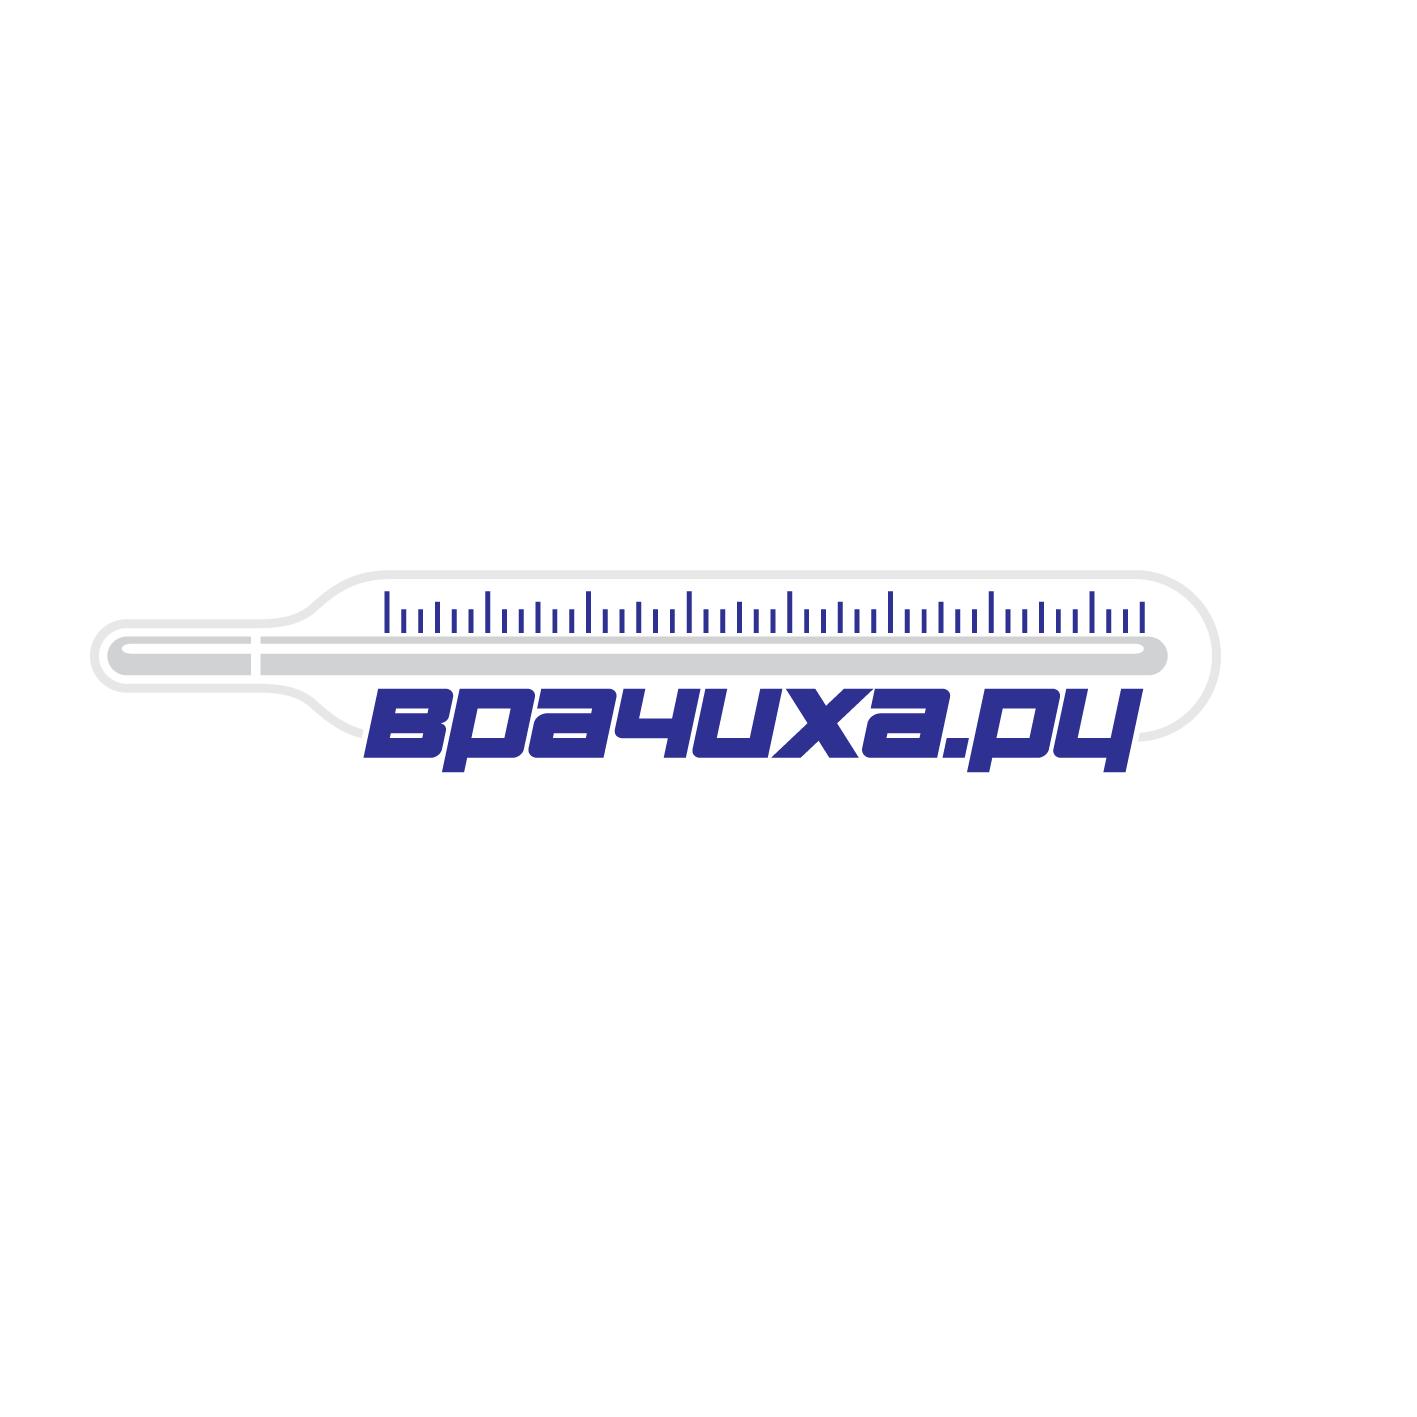 Необходимо разработать логотип для медицинского портала фото f_4685bfdd772570d0.png